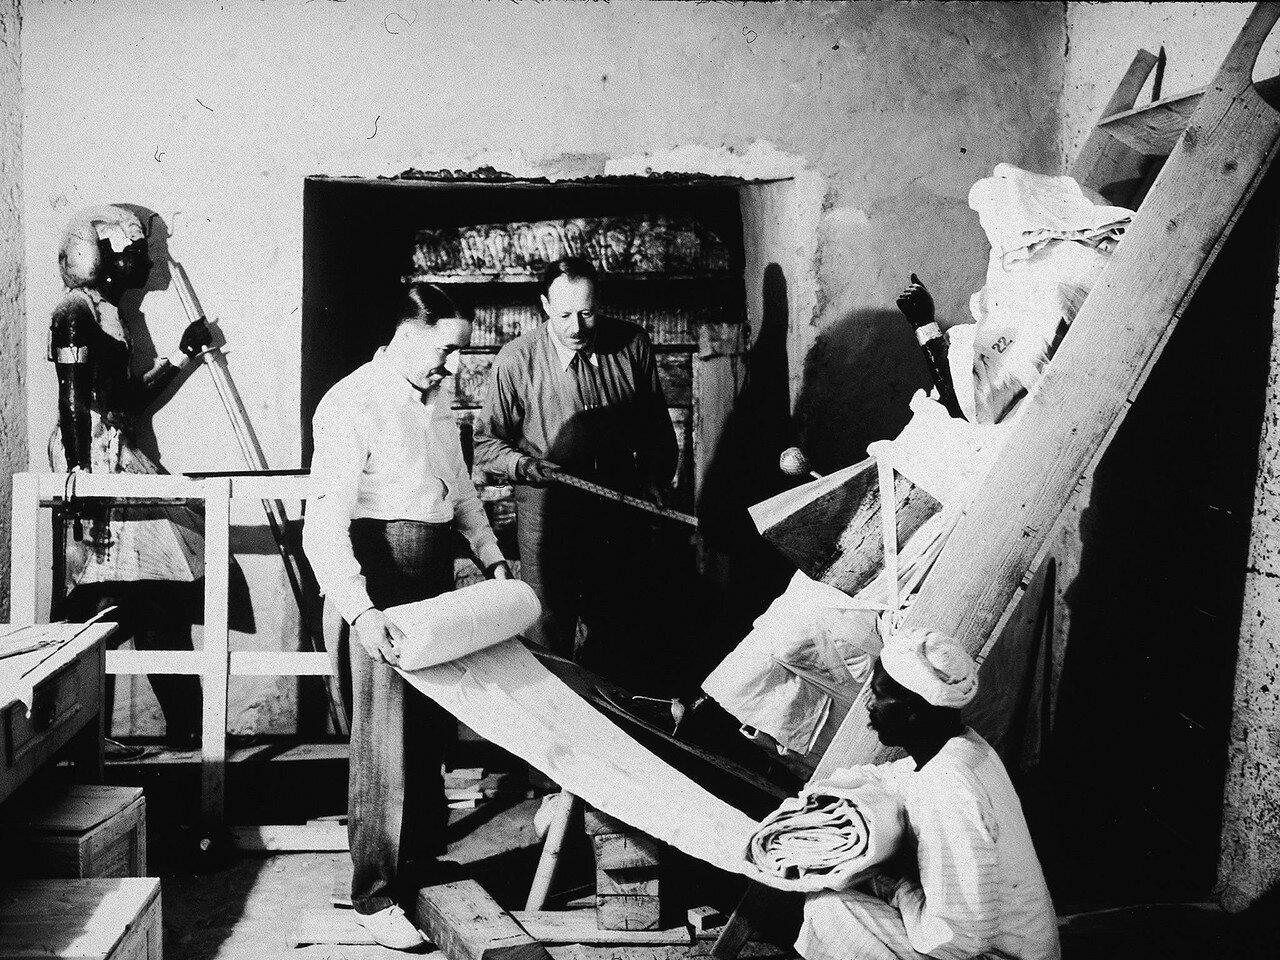 Британские археологи Говард Картер (слева) и Артур Каллендер извлекают предметы из гробницы фараона Тутанхамона с помощью египетского рабочего. 1923